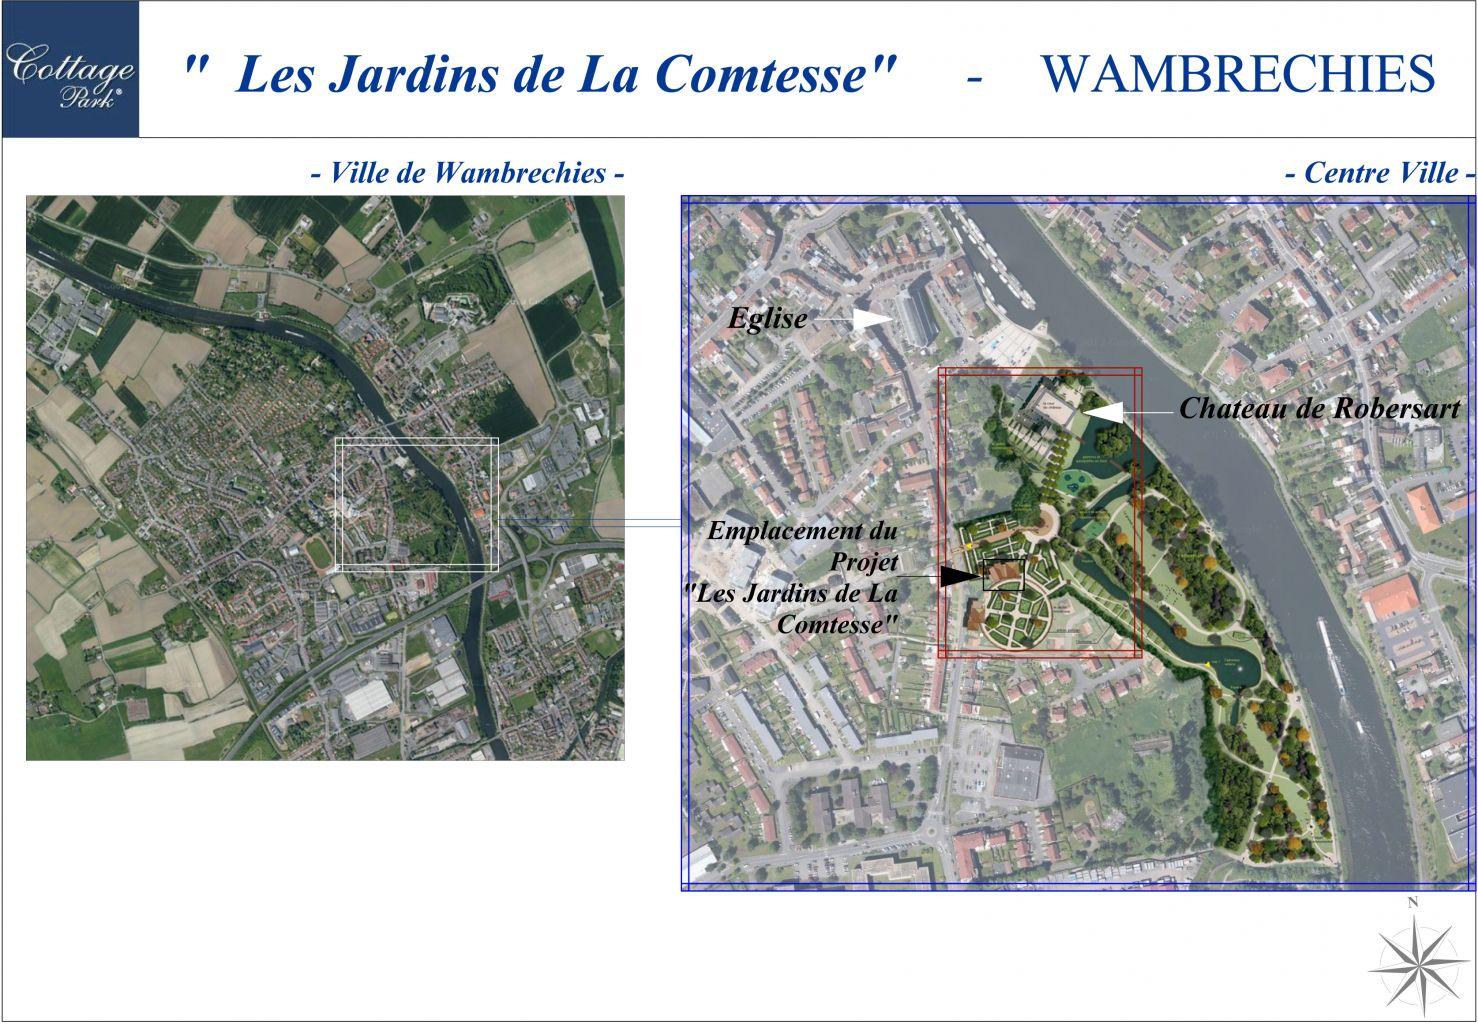 Appartement t2 1er tage 2b programme les jardins de for Carrelage wambrechies